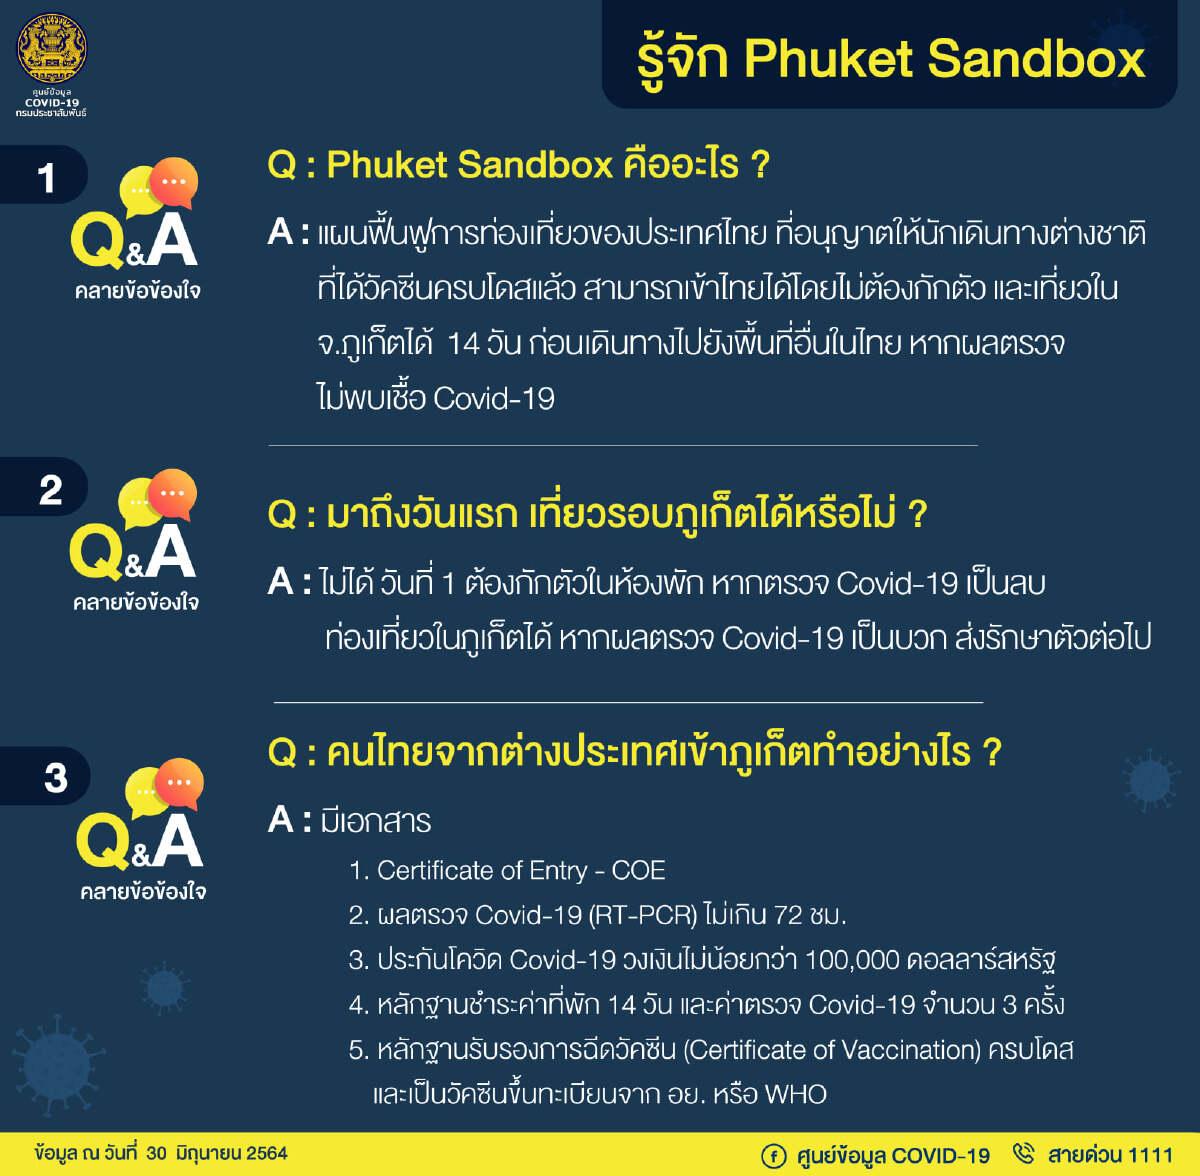 ทำความรู้จัก Phuket Sandbox คืออะไร? เคลียร์ชัด 12 คำถาม